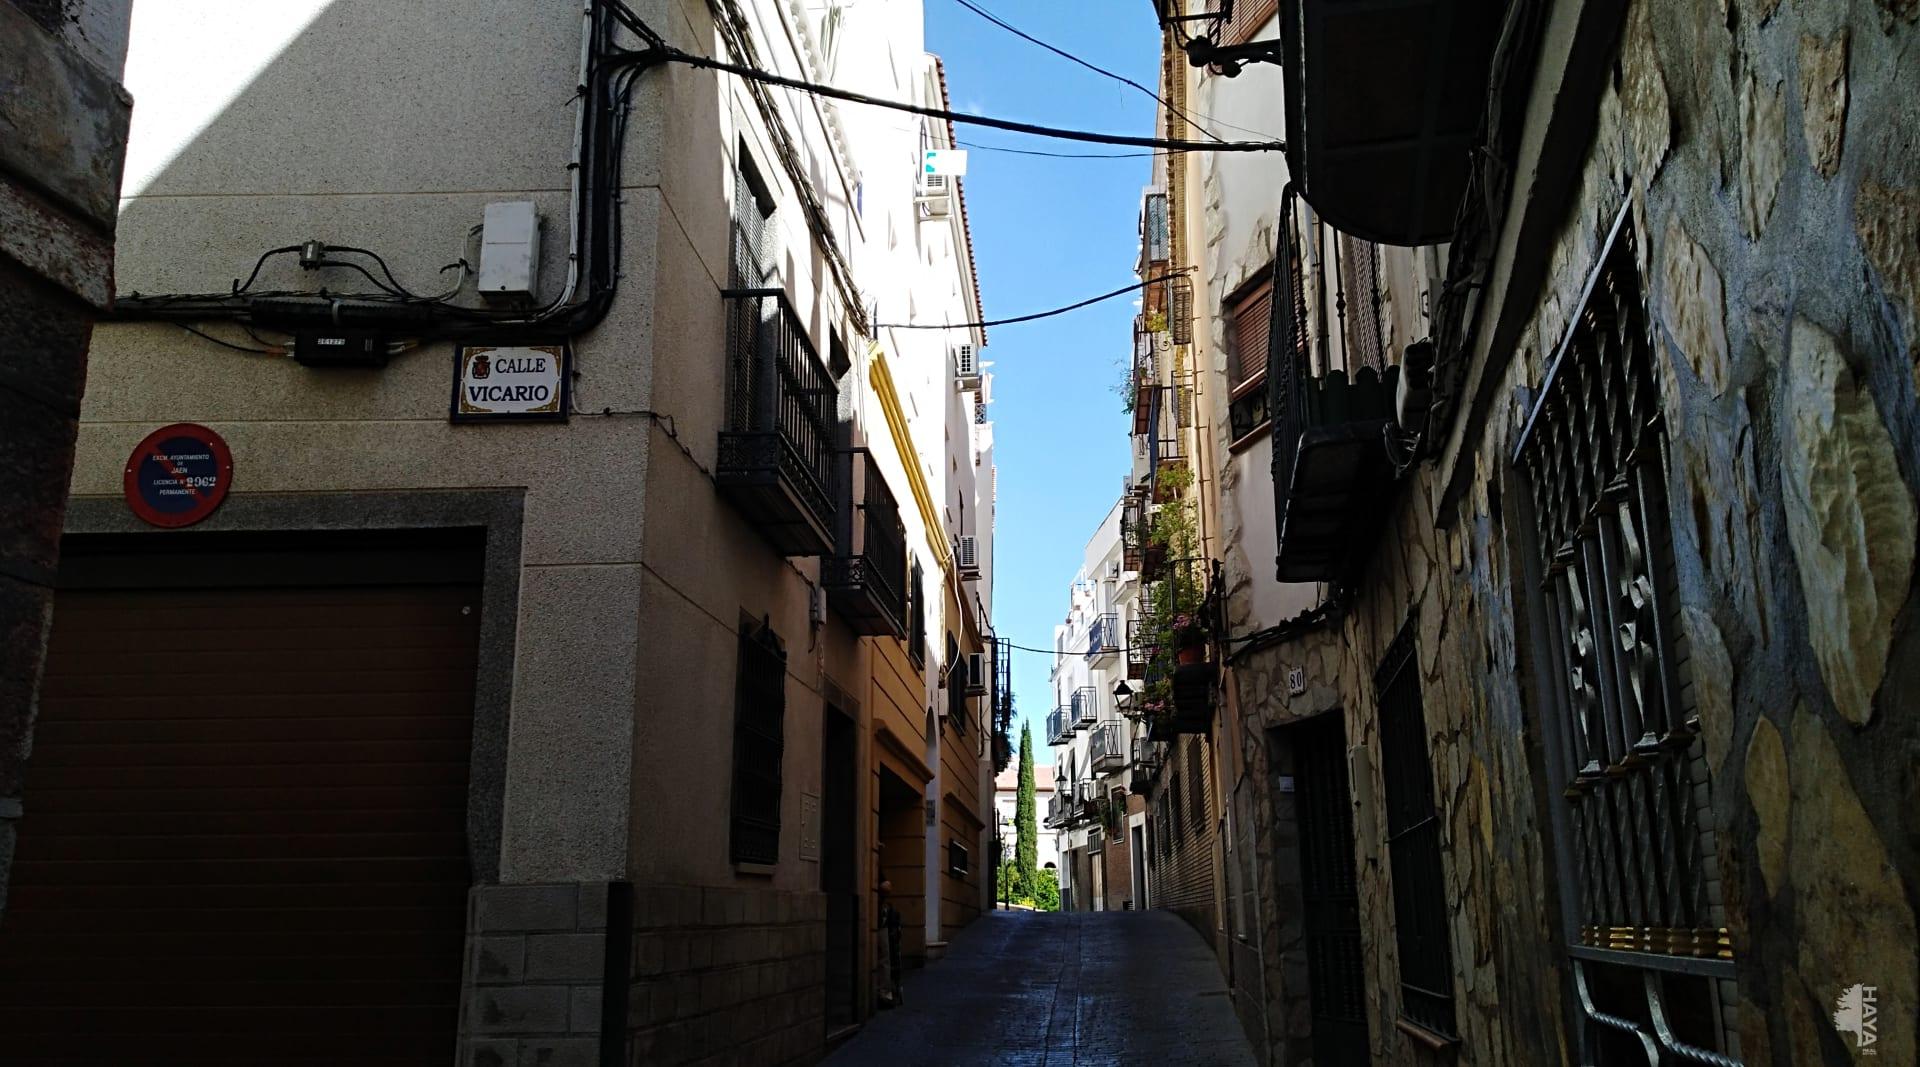 Piso en venta en San Juan, Jaén, Jaén, Calle Almendros Aguilar, 89.355 €, 2 habitaciones, 1 baño, 64 m2